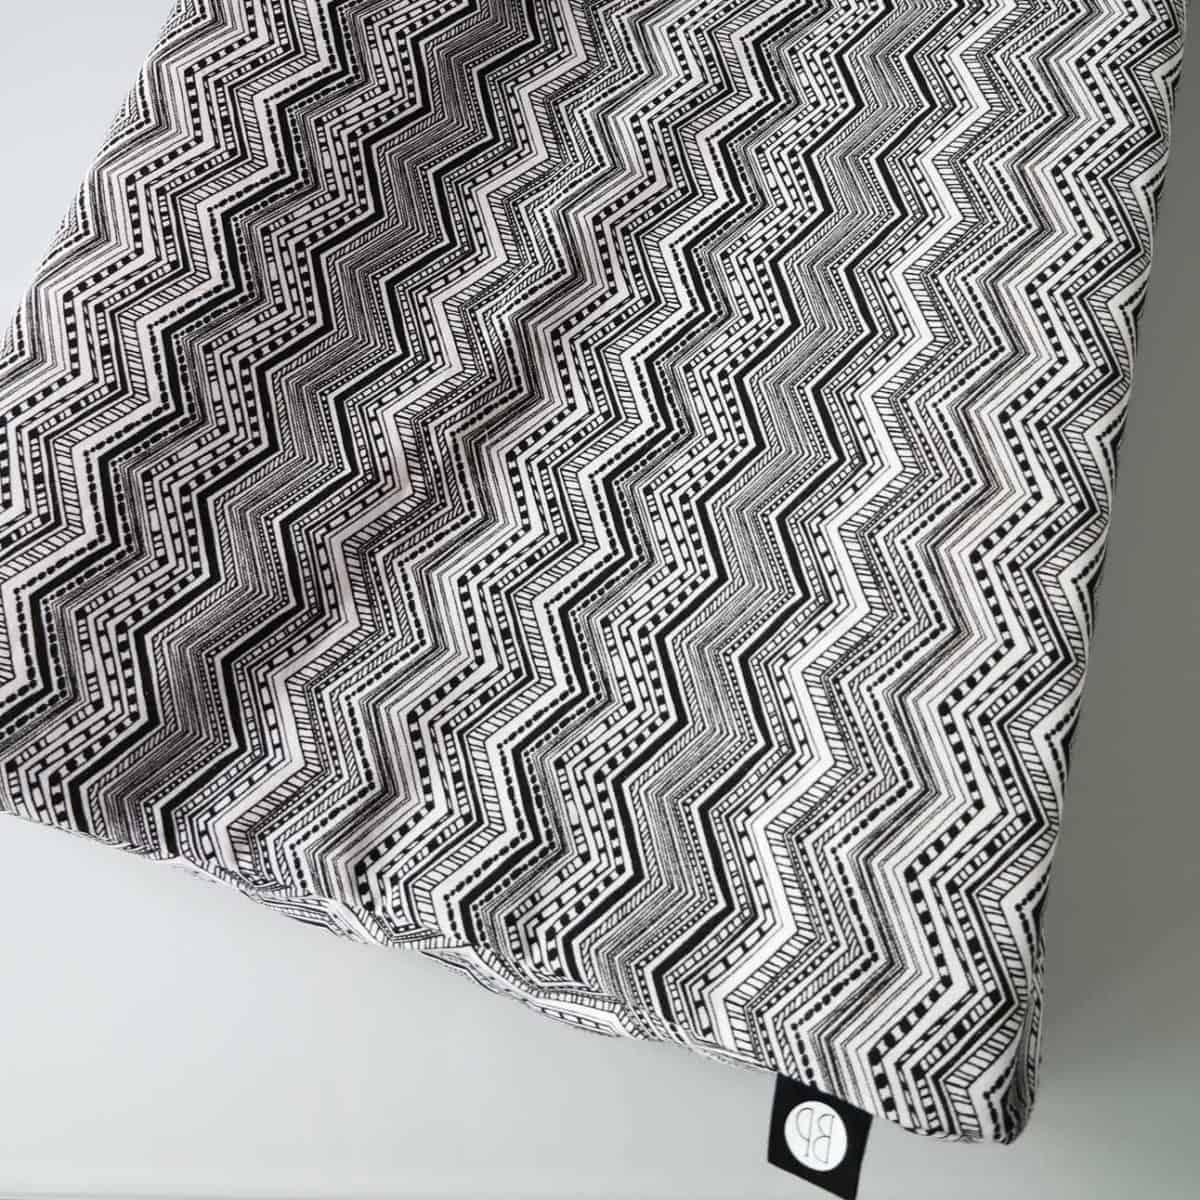 omkleedkussenhoes zwart wit print